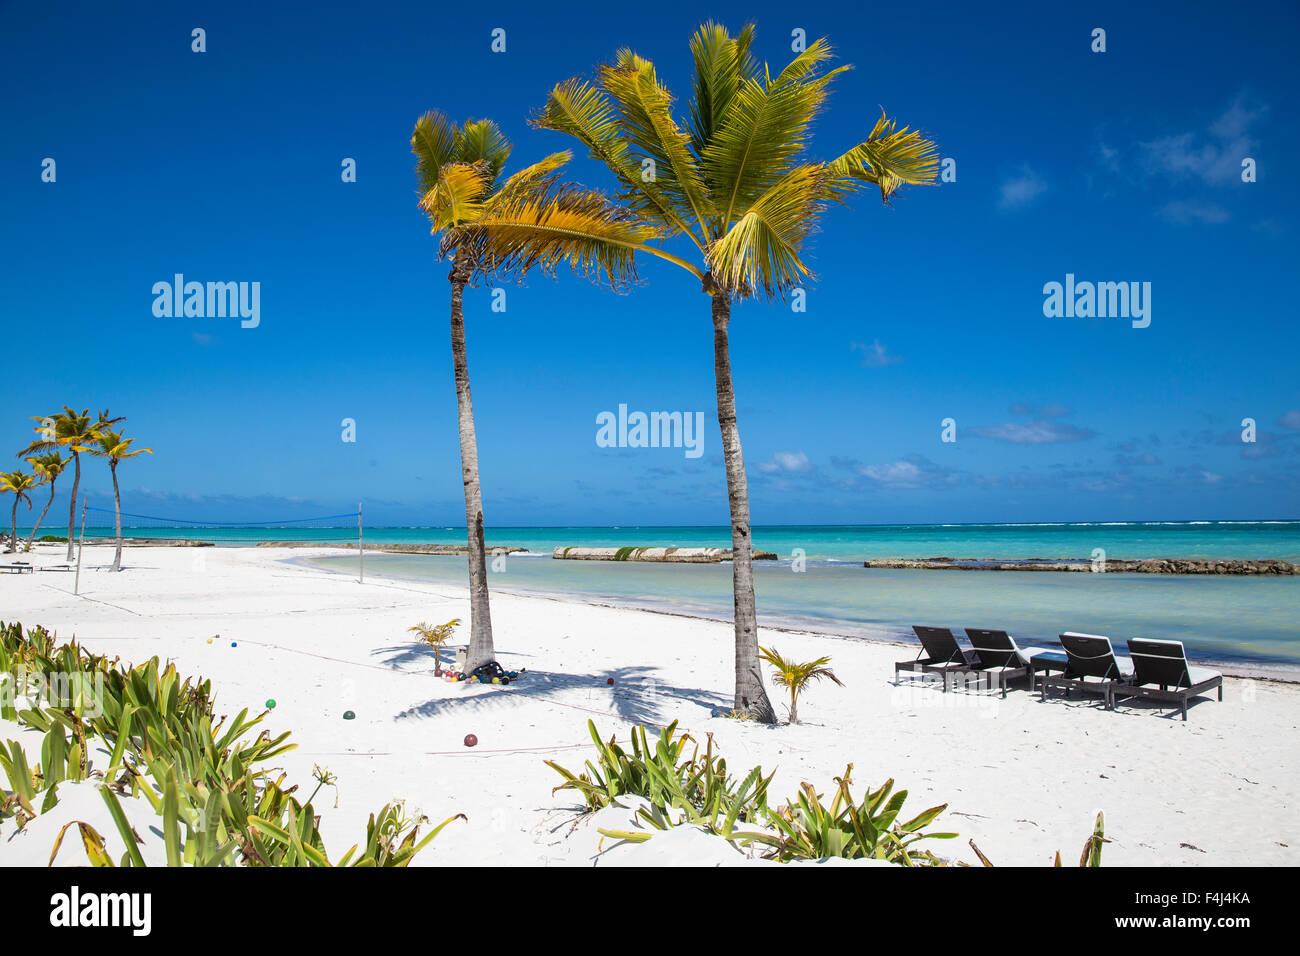 También en la playa del Mar resort, Punta Cana, República Dominicana, Antillas, Caribe, América Central Imagen De Stock